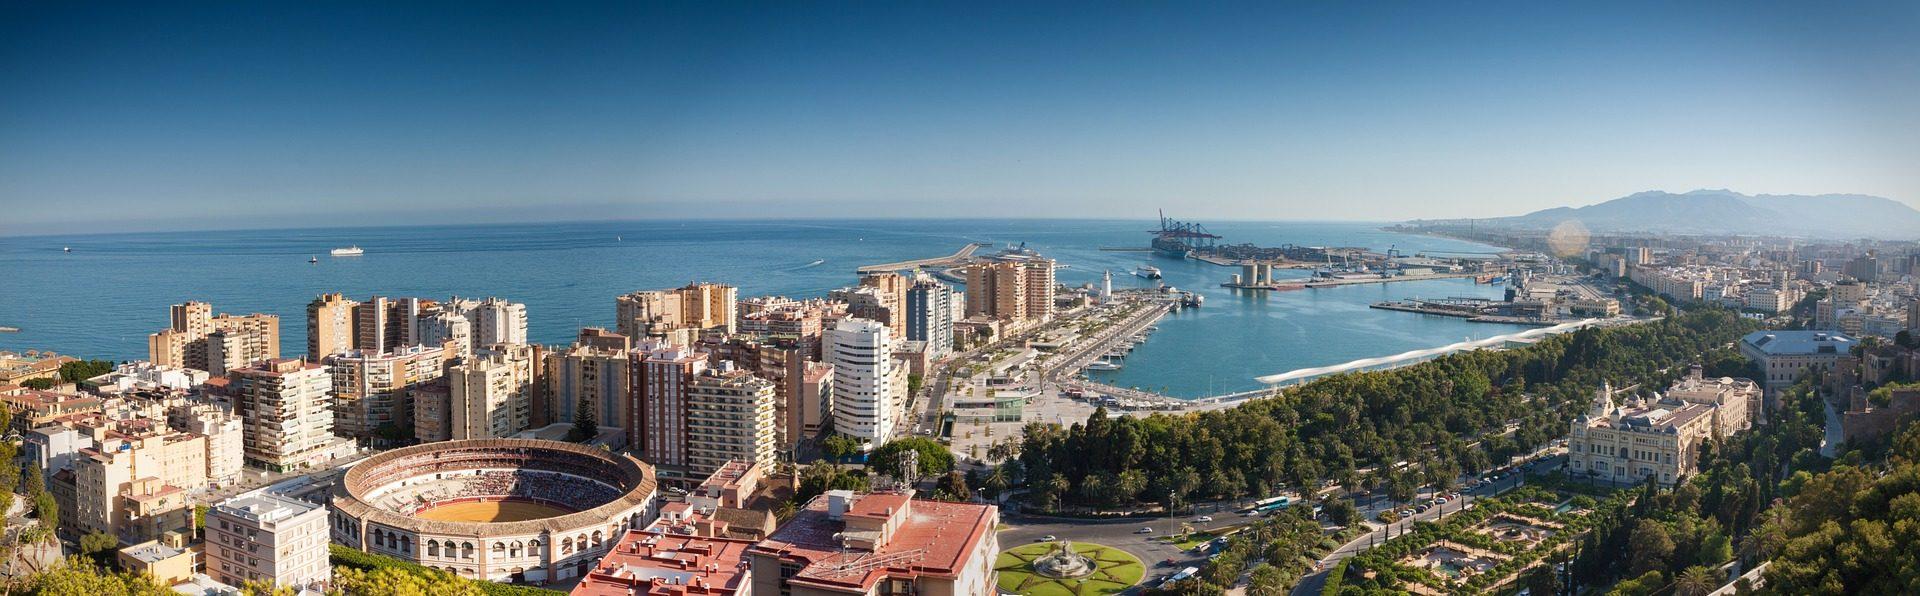 De espa a con mucho amor bienes ra ces turismo viajes y comercio en espa a - Bienes raices espana ...